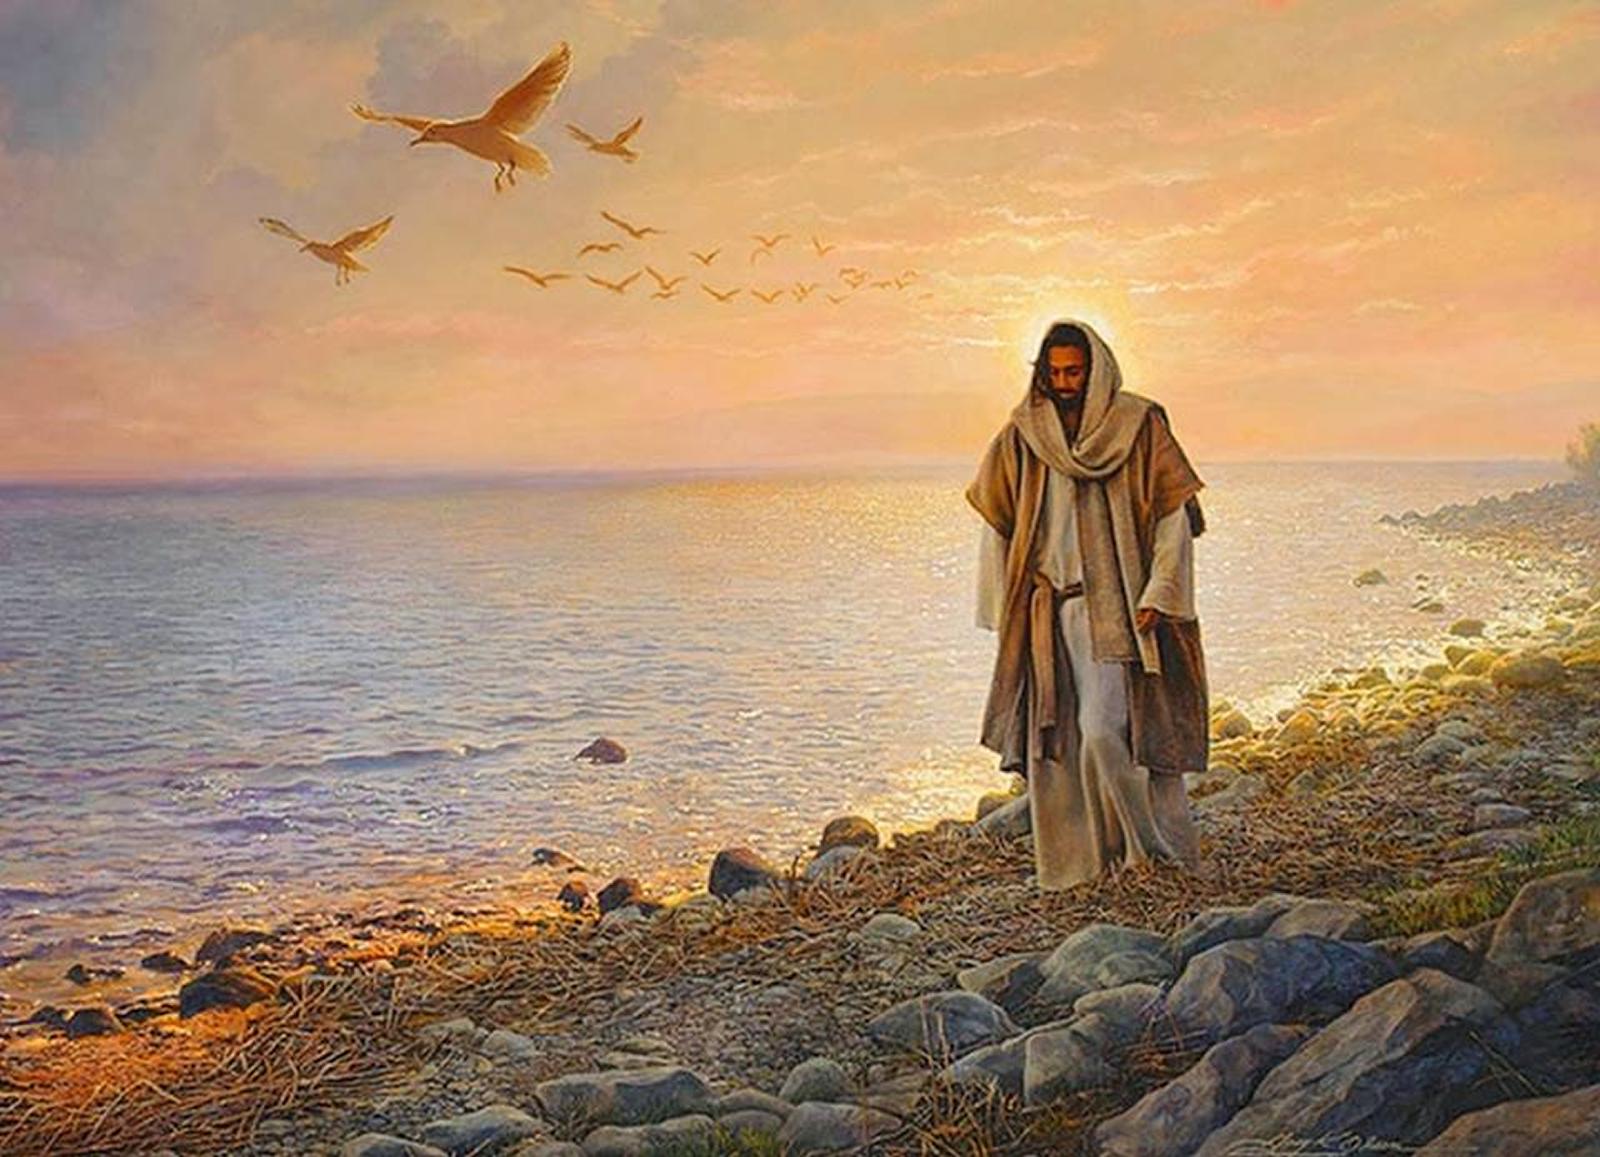 Fondos De Paisajes Con Jesus En Hd Para Descargar Gratis 5 HD 1600x1157